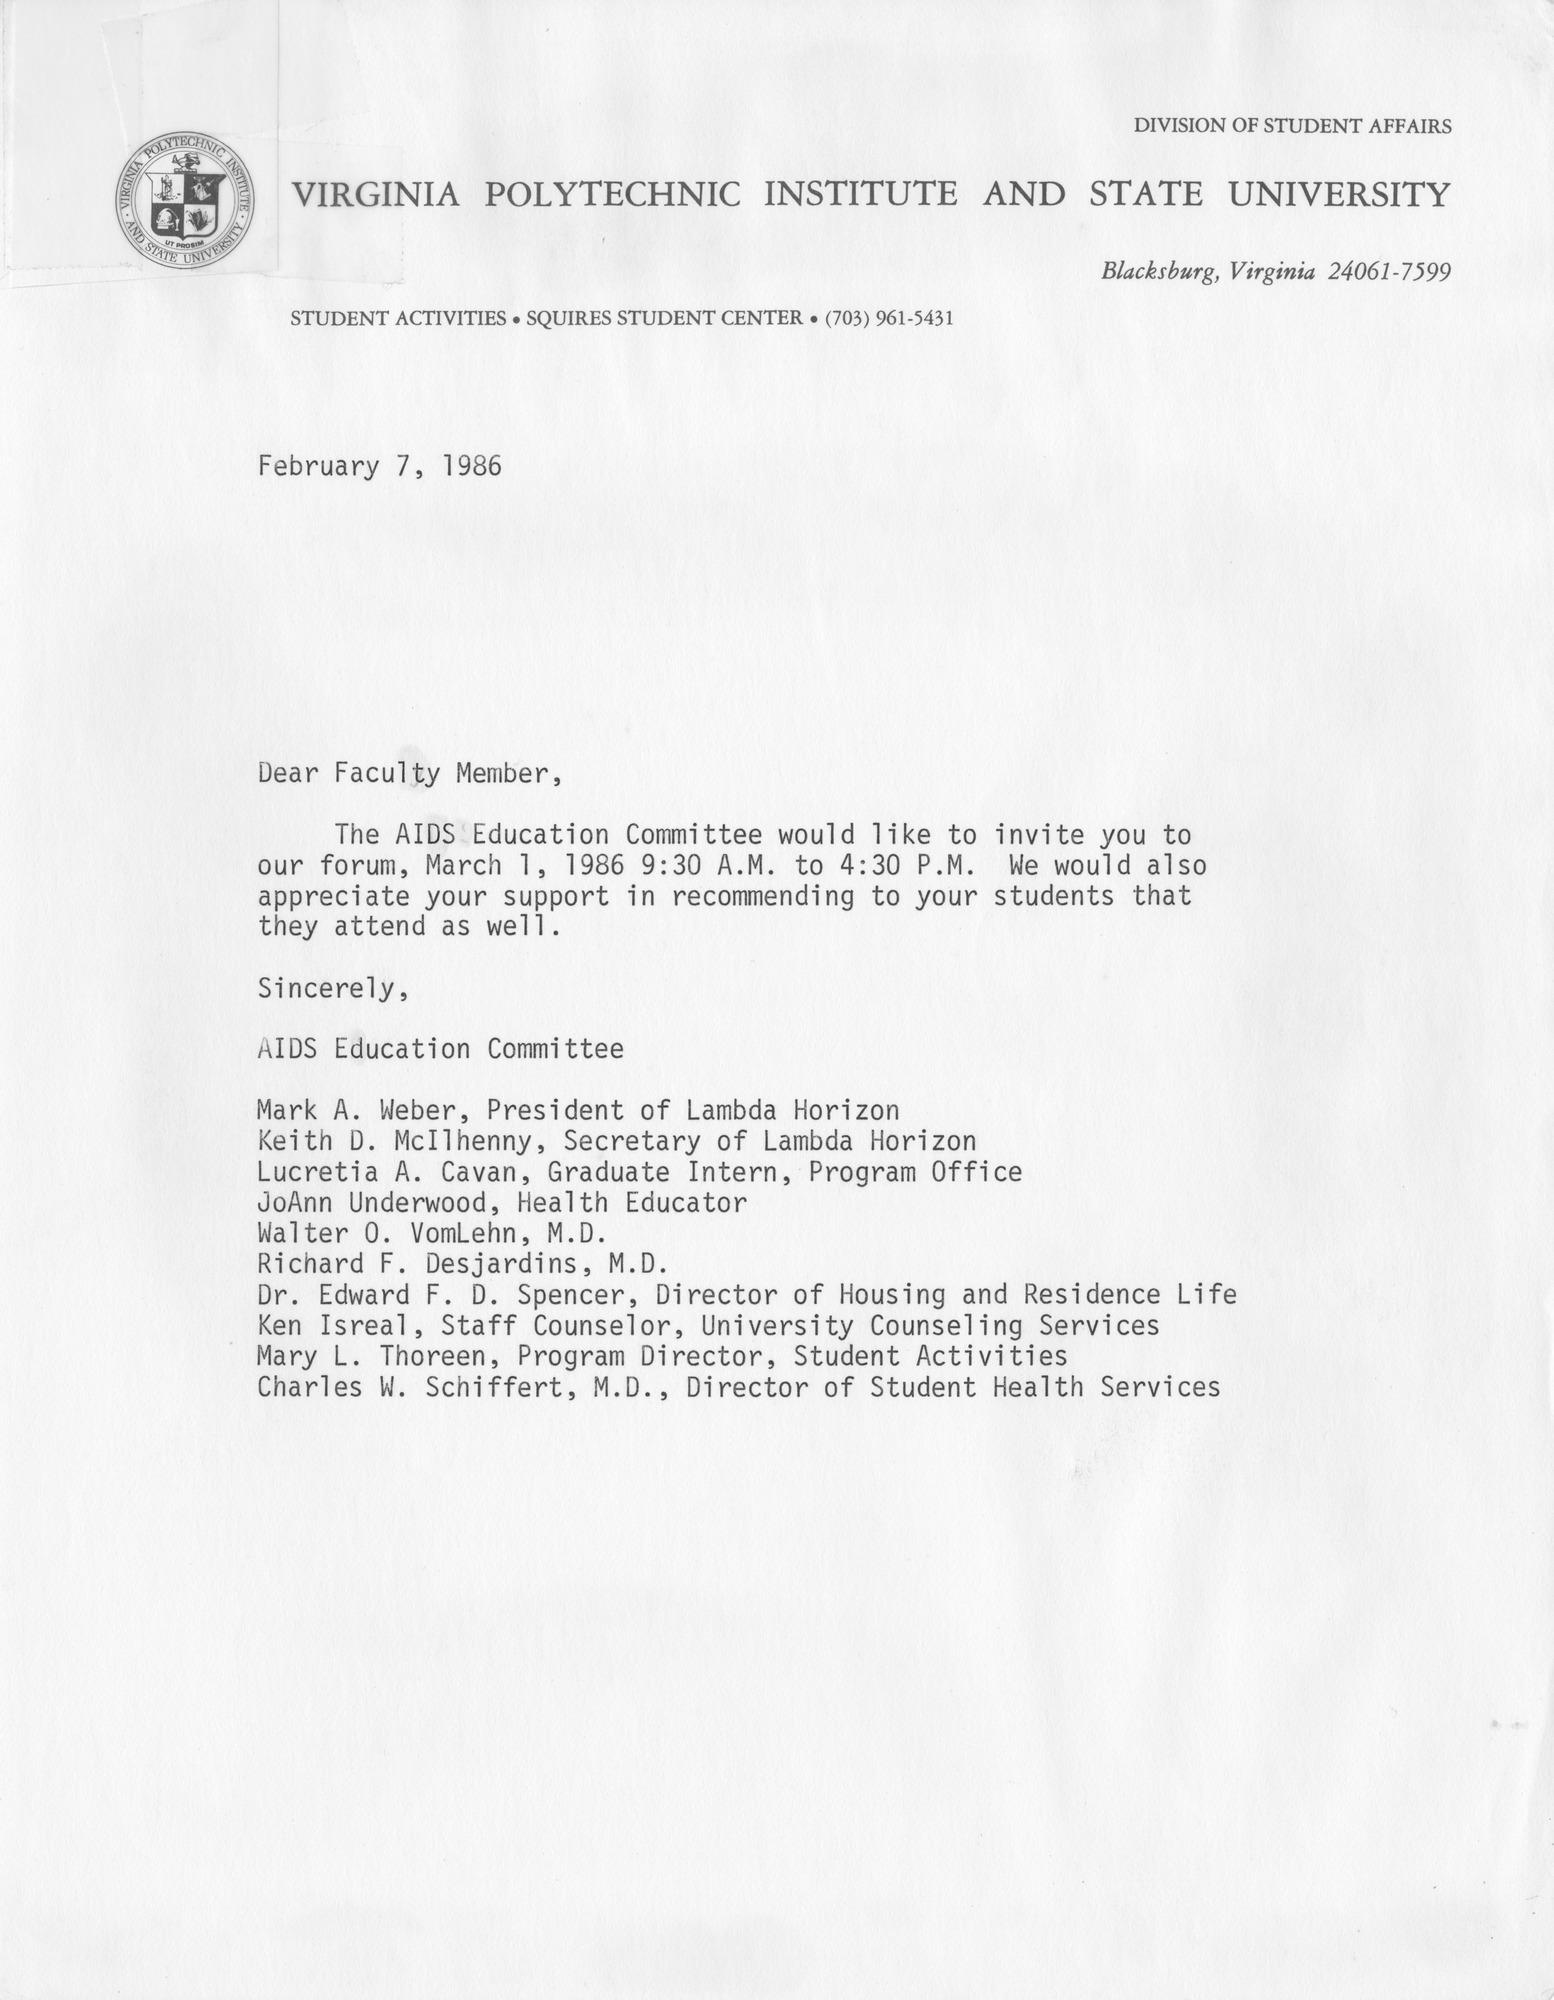 Ms2014-010_WeberMark_CorrespondenceAIDSEducation_1986_0207.jpg